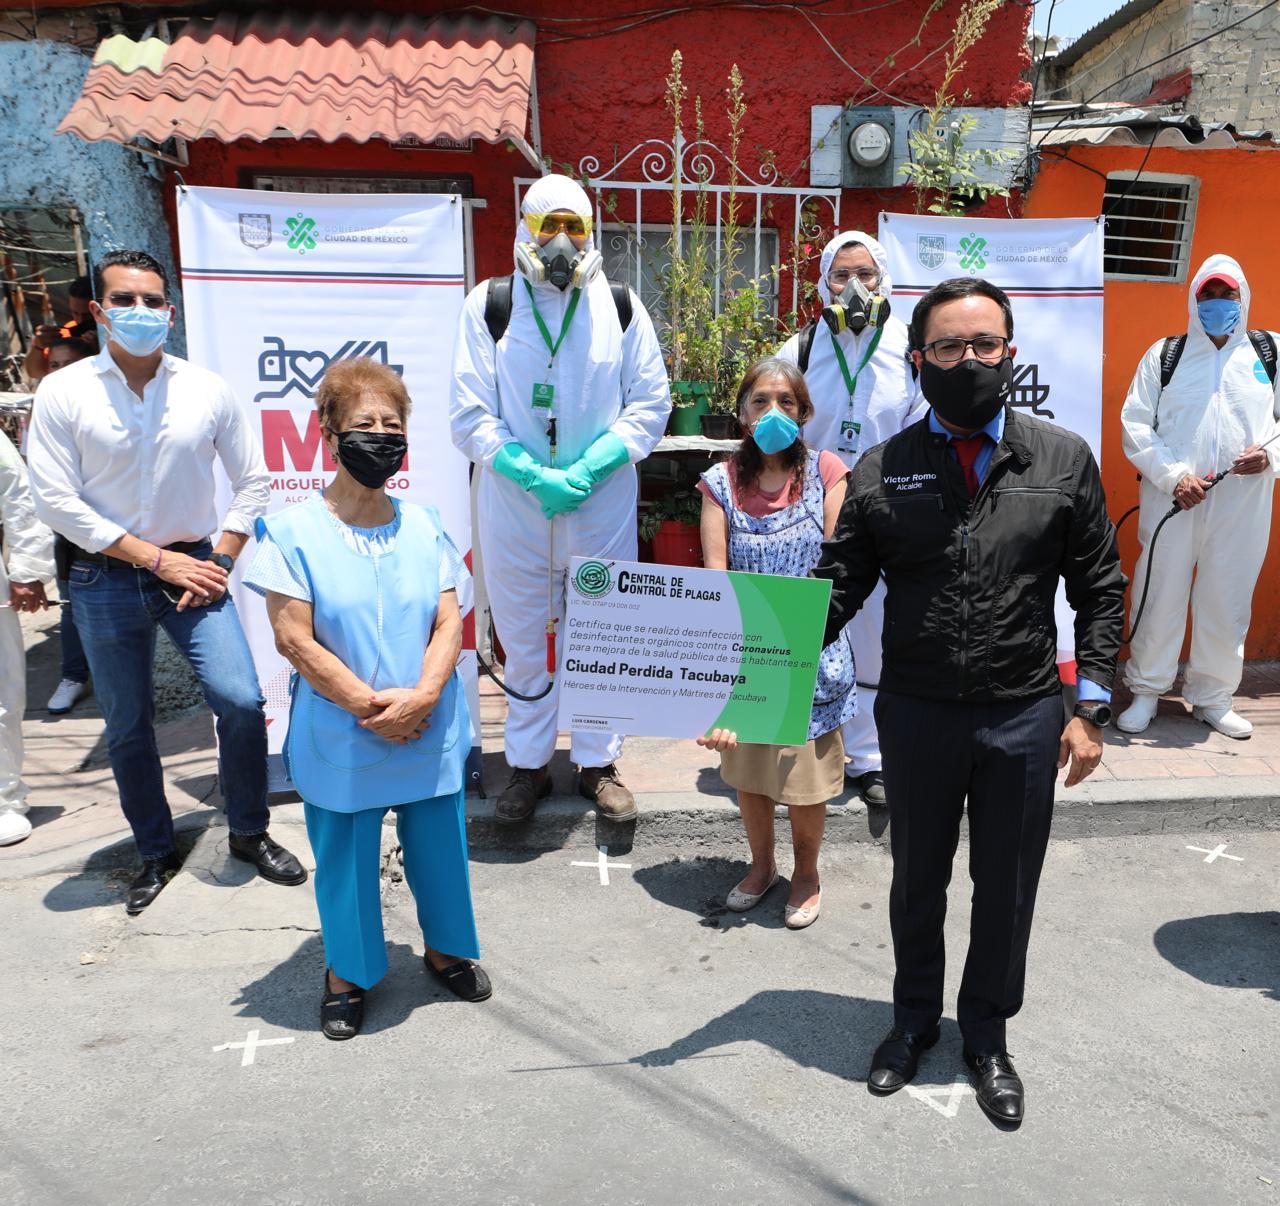 Sanitiza Miguel Hidalgo Ciudad Perdida Tacubaya